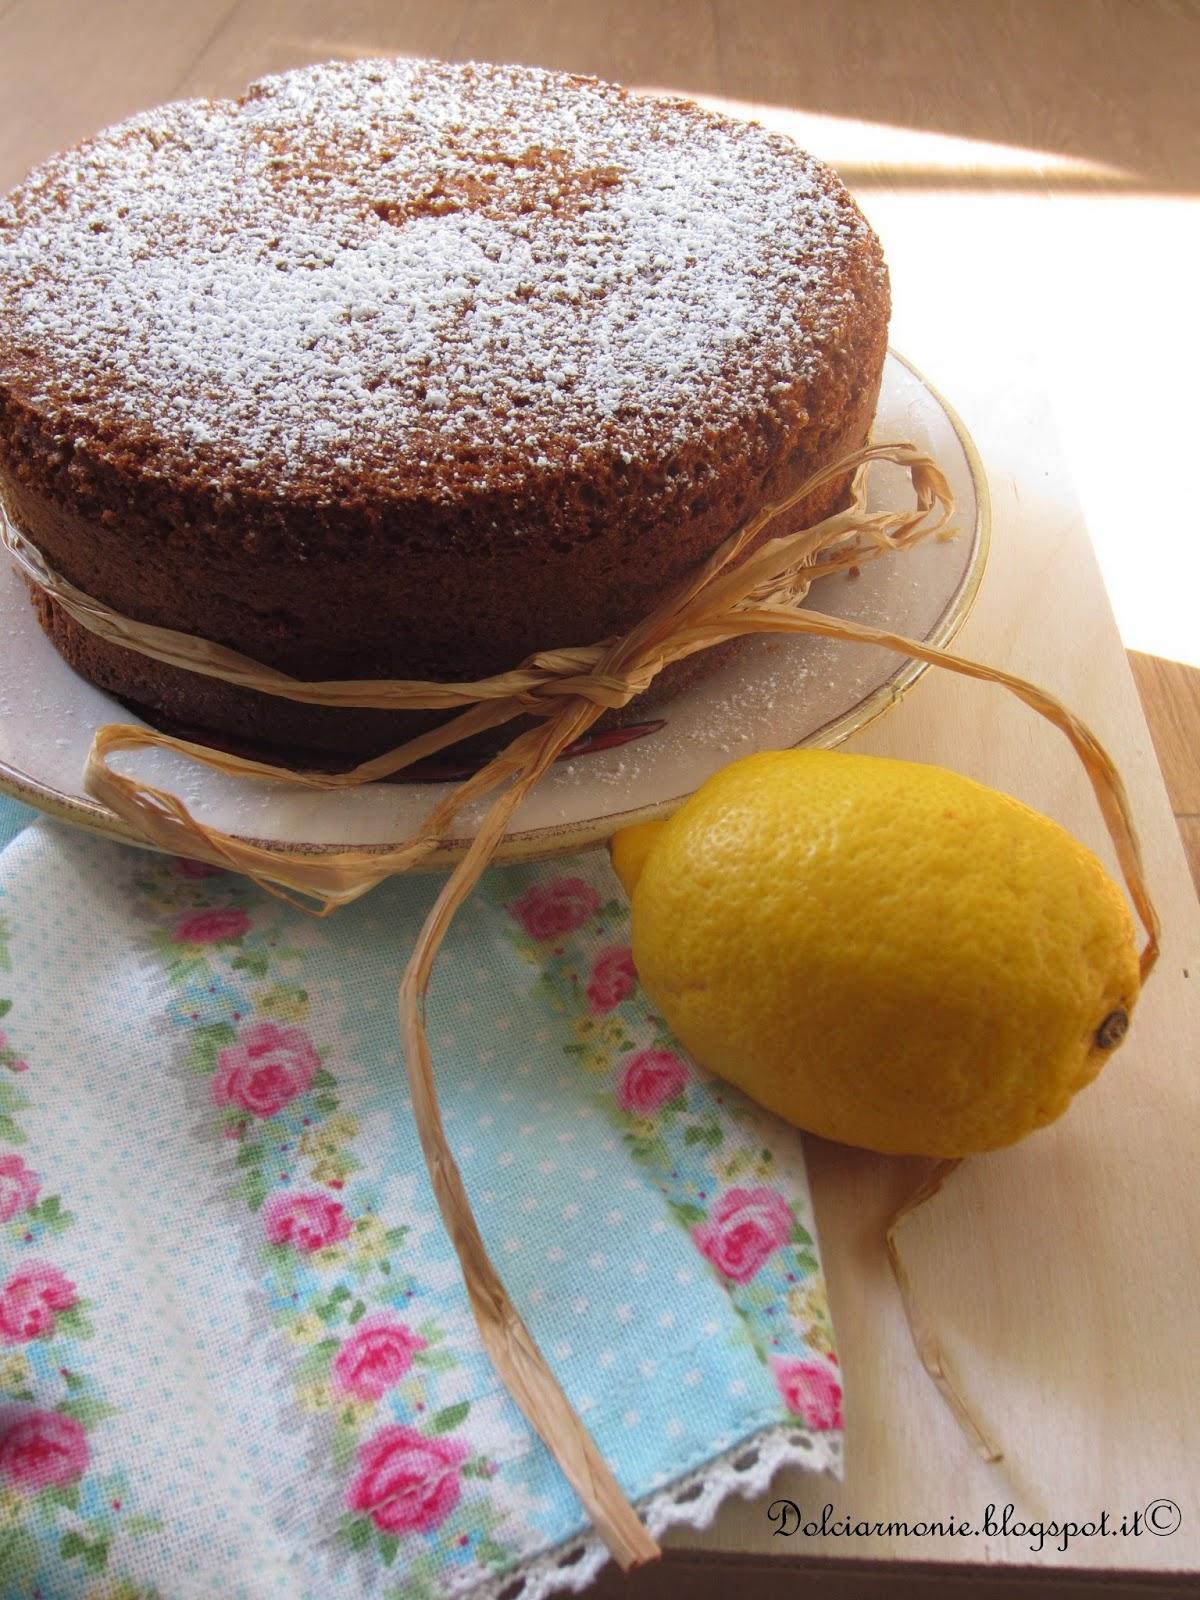 la fluffosa al limone di monica (senza il buco) e la caduta nel buco